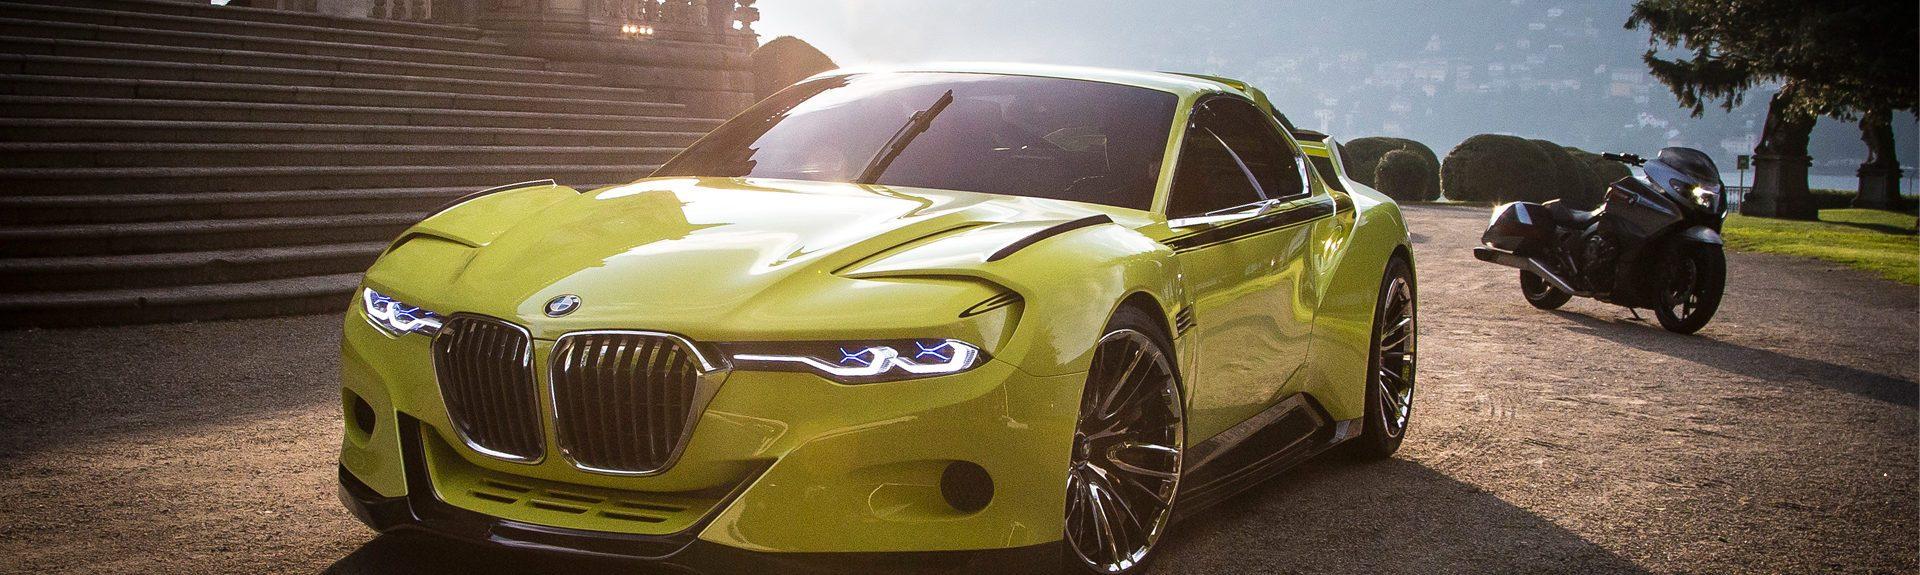 BMW-Z4 Conceptcar